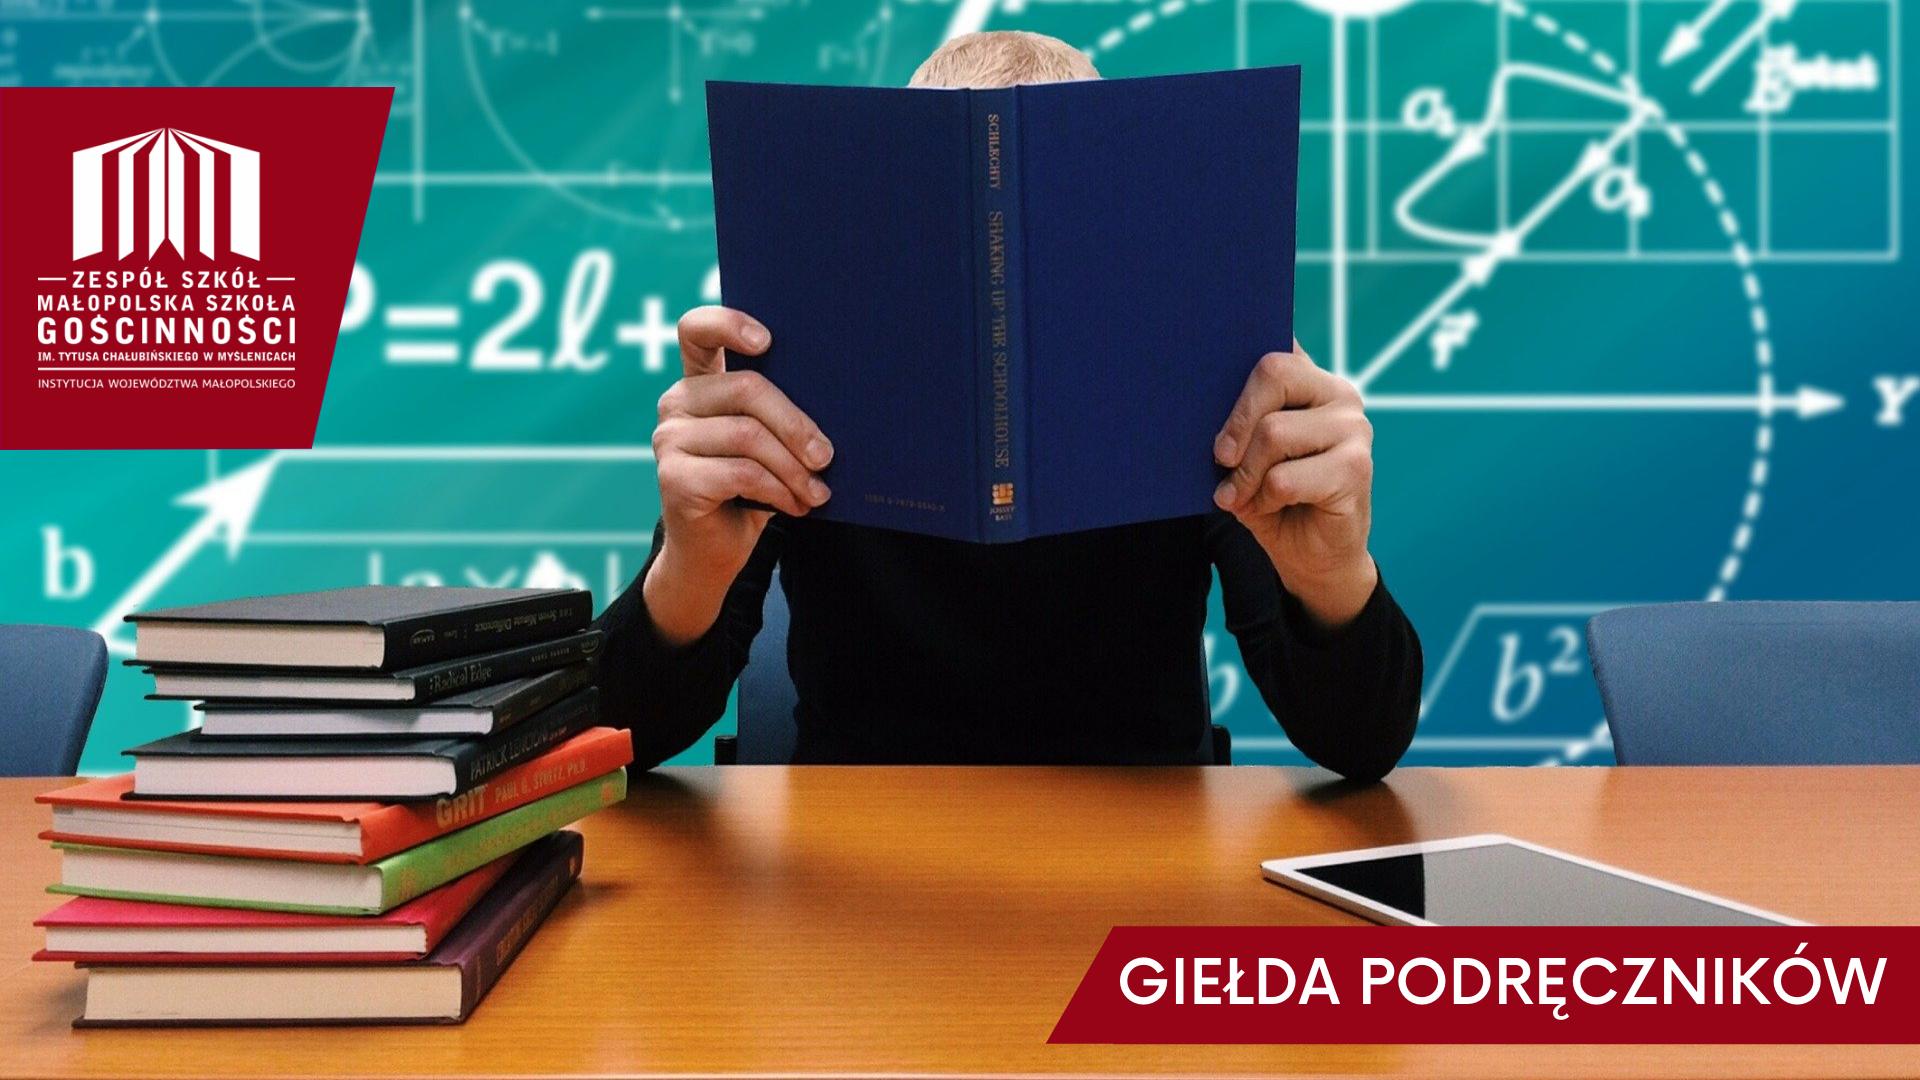 Widok na tablicę kredową i biurko przy którym siedzi uczeń schowany za książkami